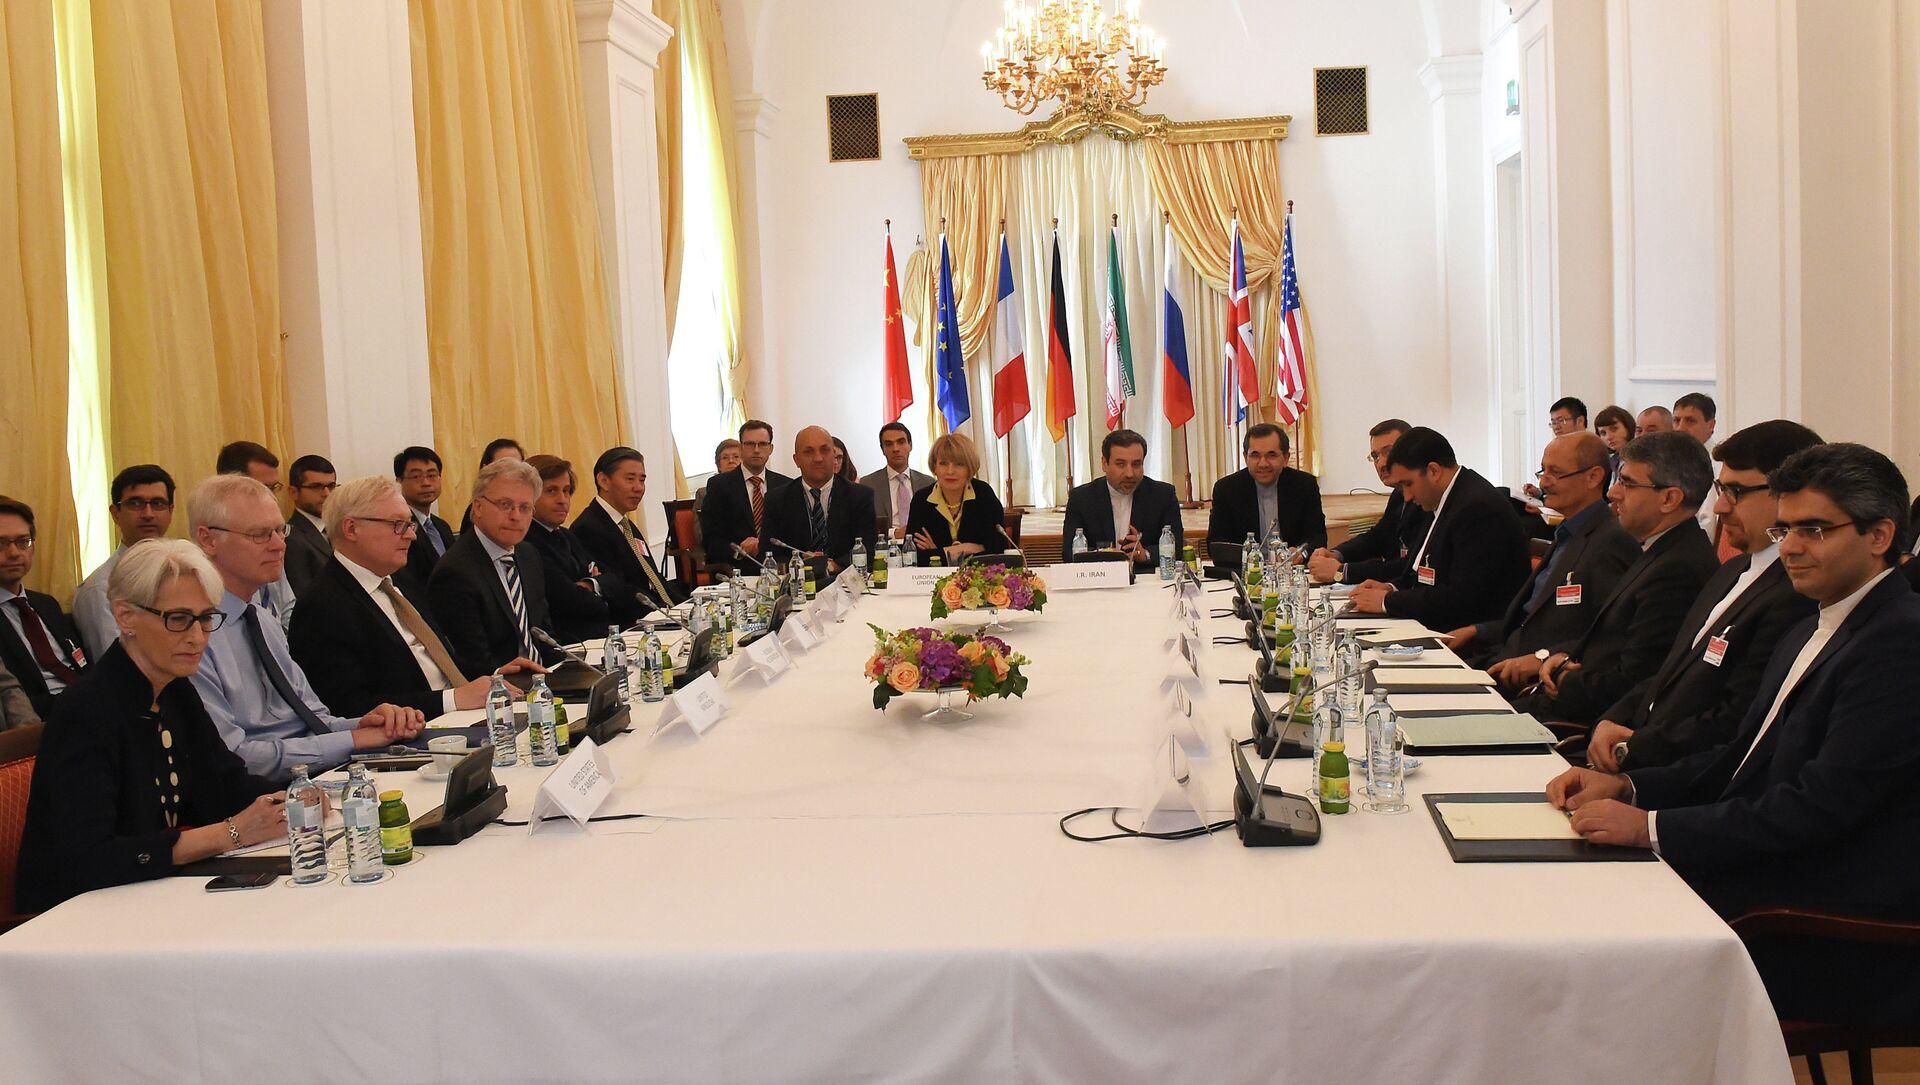 Trattative a Vienna sul programma nucleare dell'Iran - Sputnik Italia, 1920, 10.04.2021